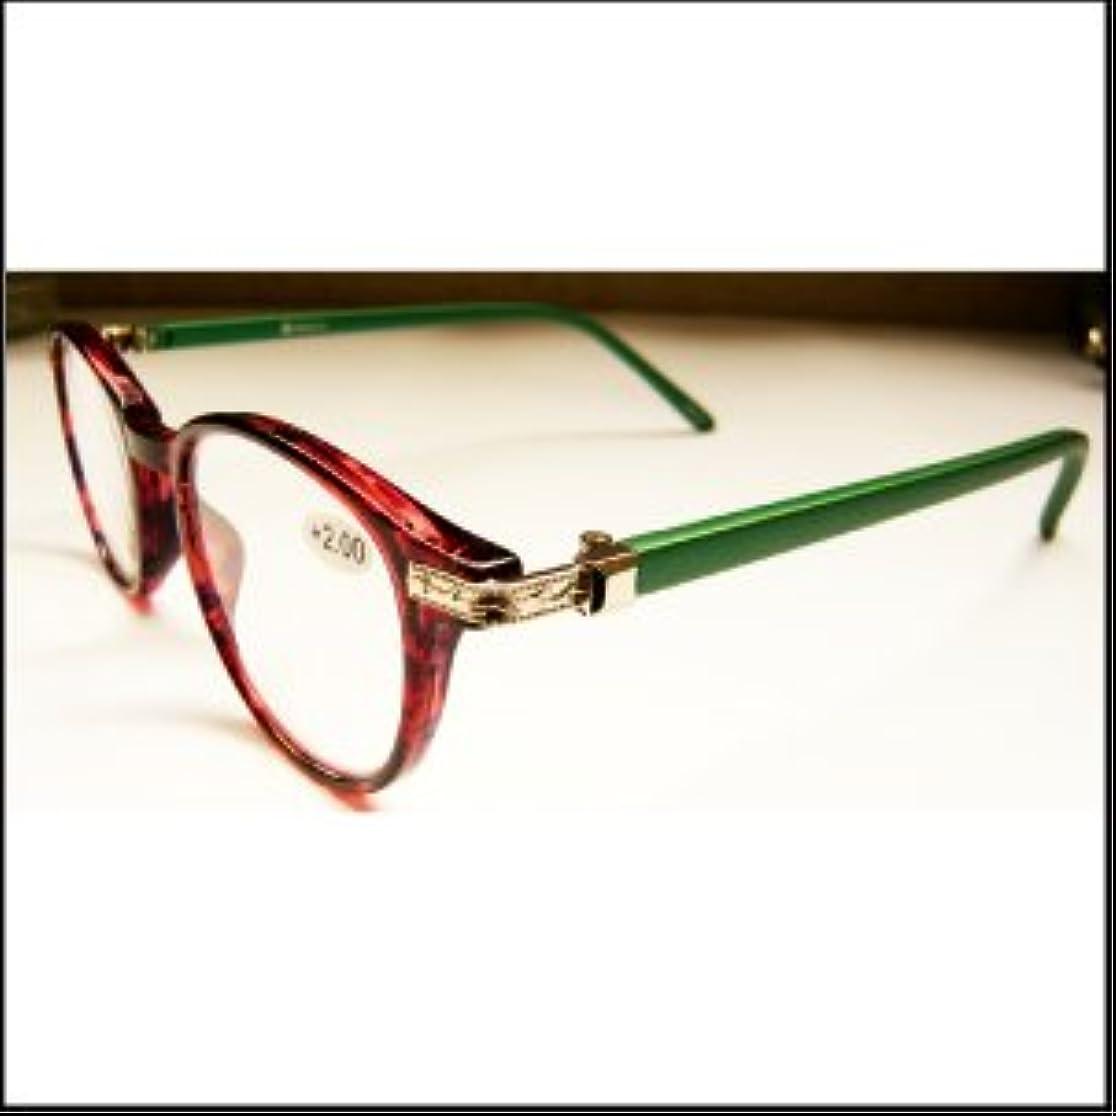 見捨てられた悲劇ずんぐりしたYGJ76/ロイドメガネ老眼鏡 (3.0, Purple/Green)